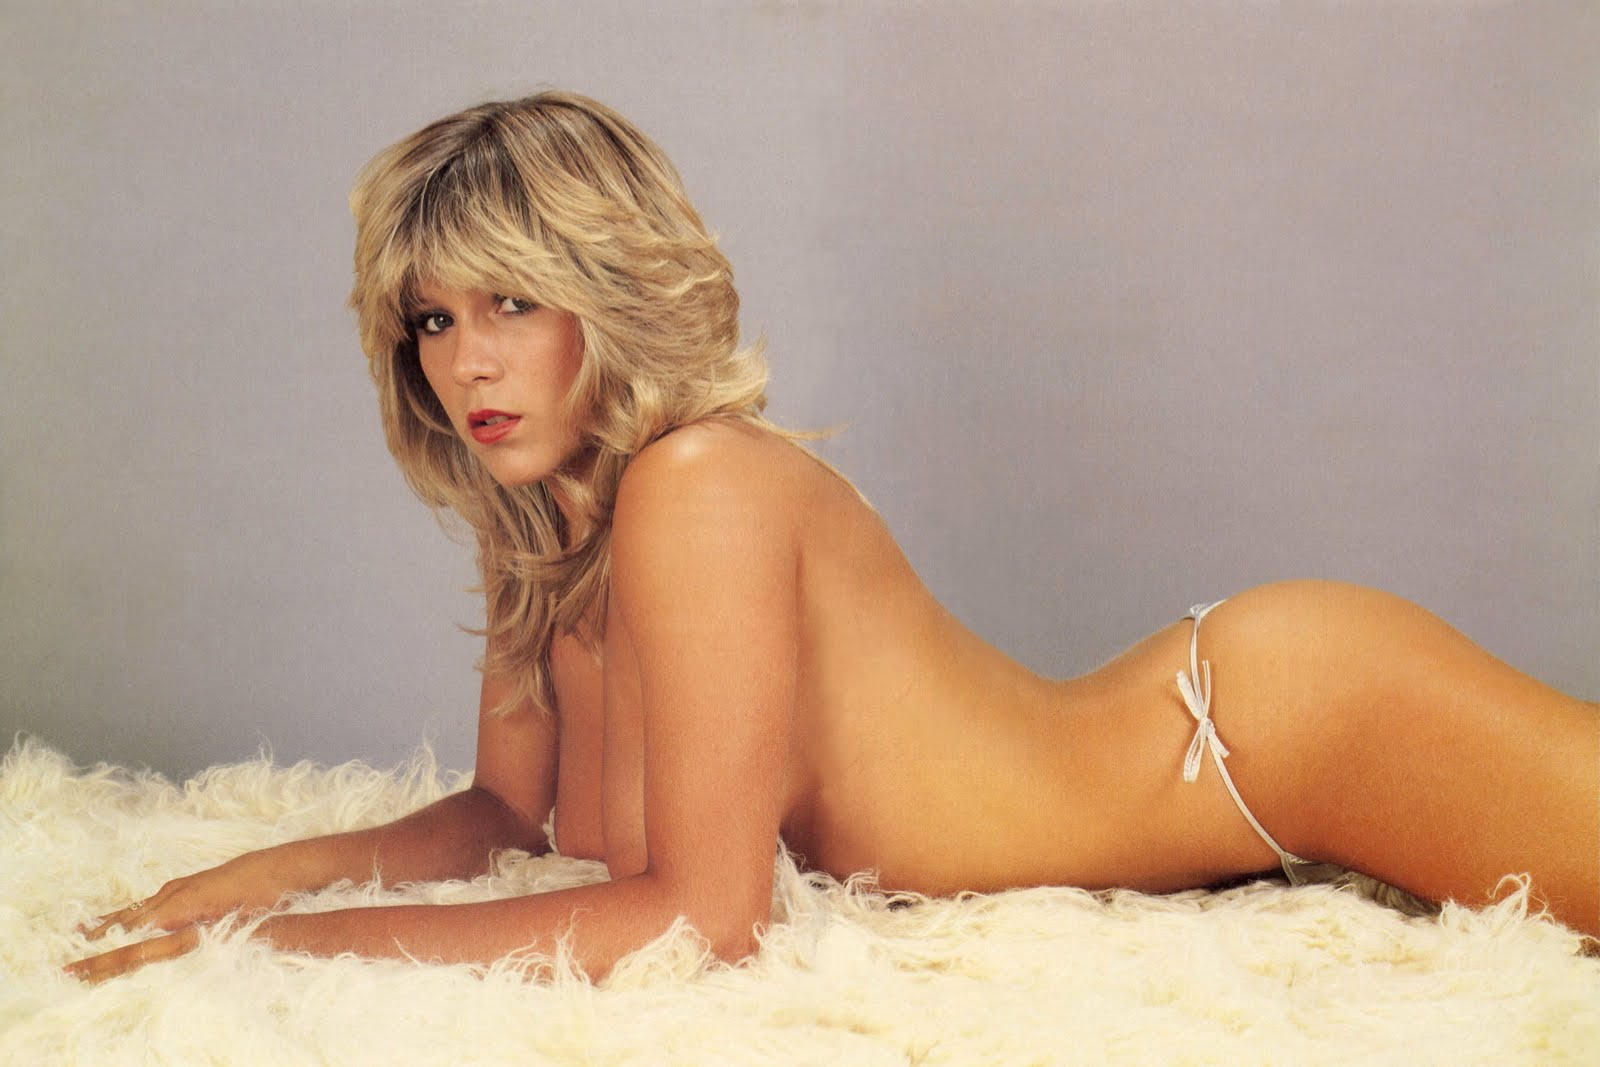 Самые эротические клипы онлайн 16 фотография